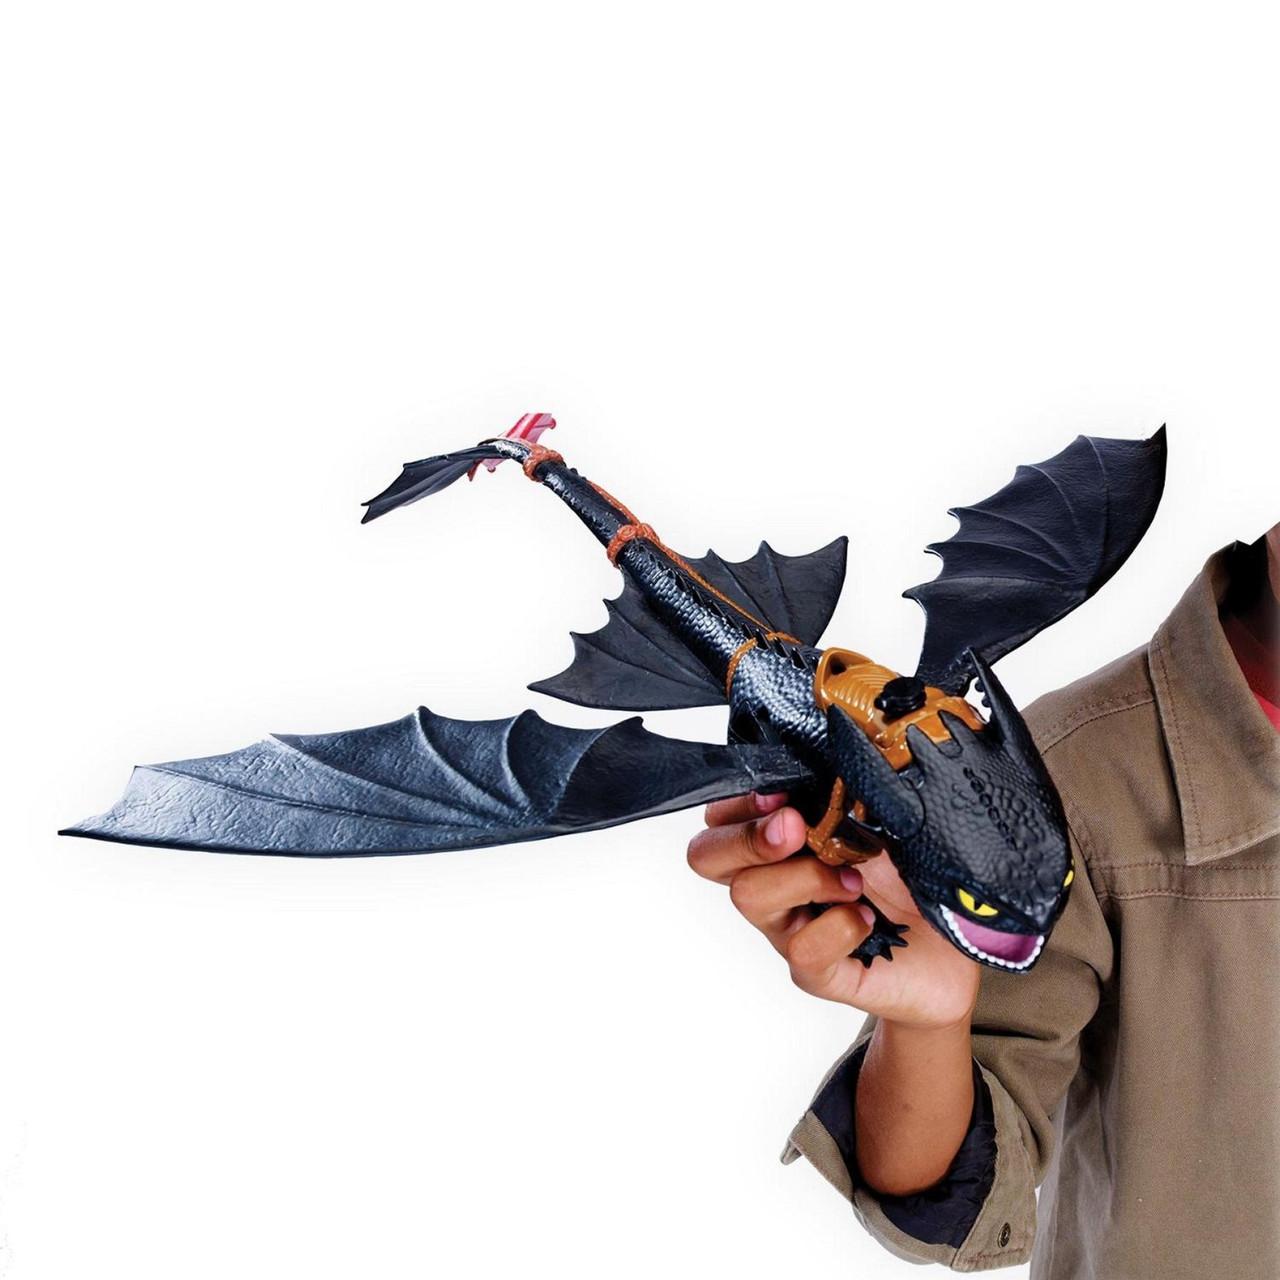 ... Spin Master Dragons Интерактивная игрушка дракон Беззубик дышащий огнем  Как приручить дракона  2cb79ad94be9c